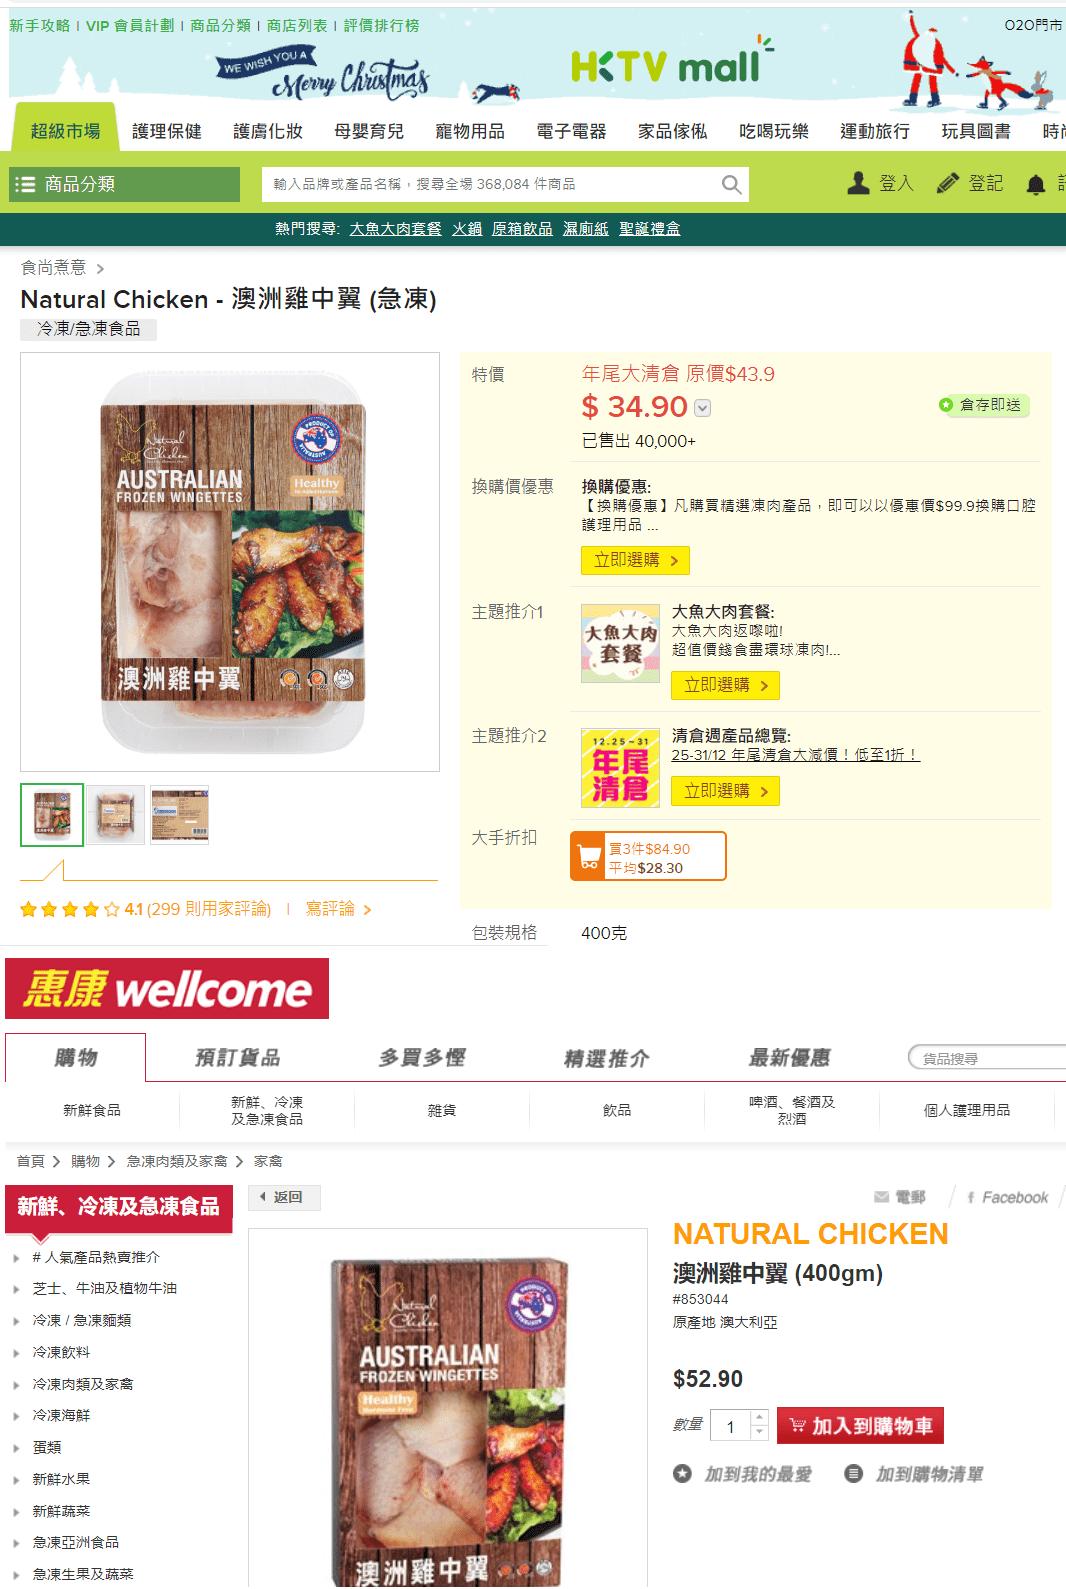 超市劈價搜尋器 2019.12.29 – 超市格價易